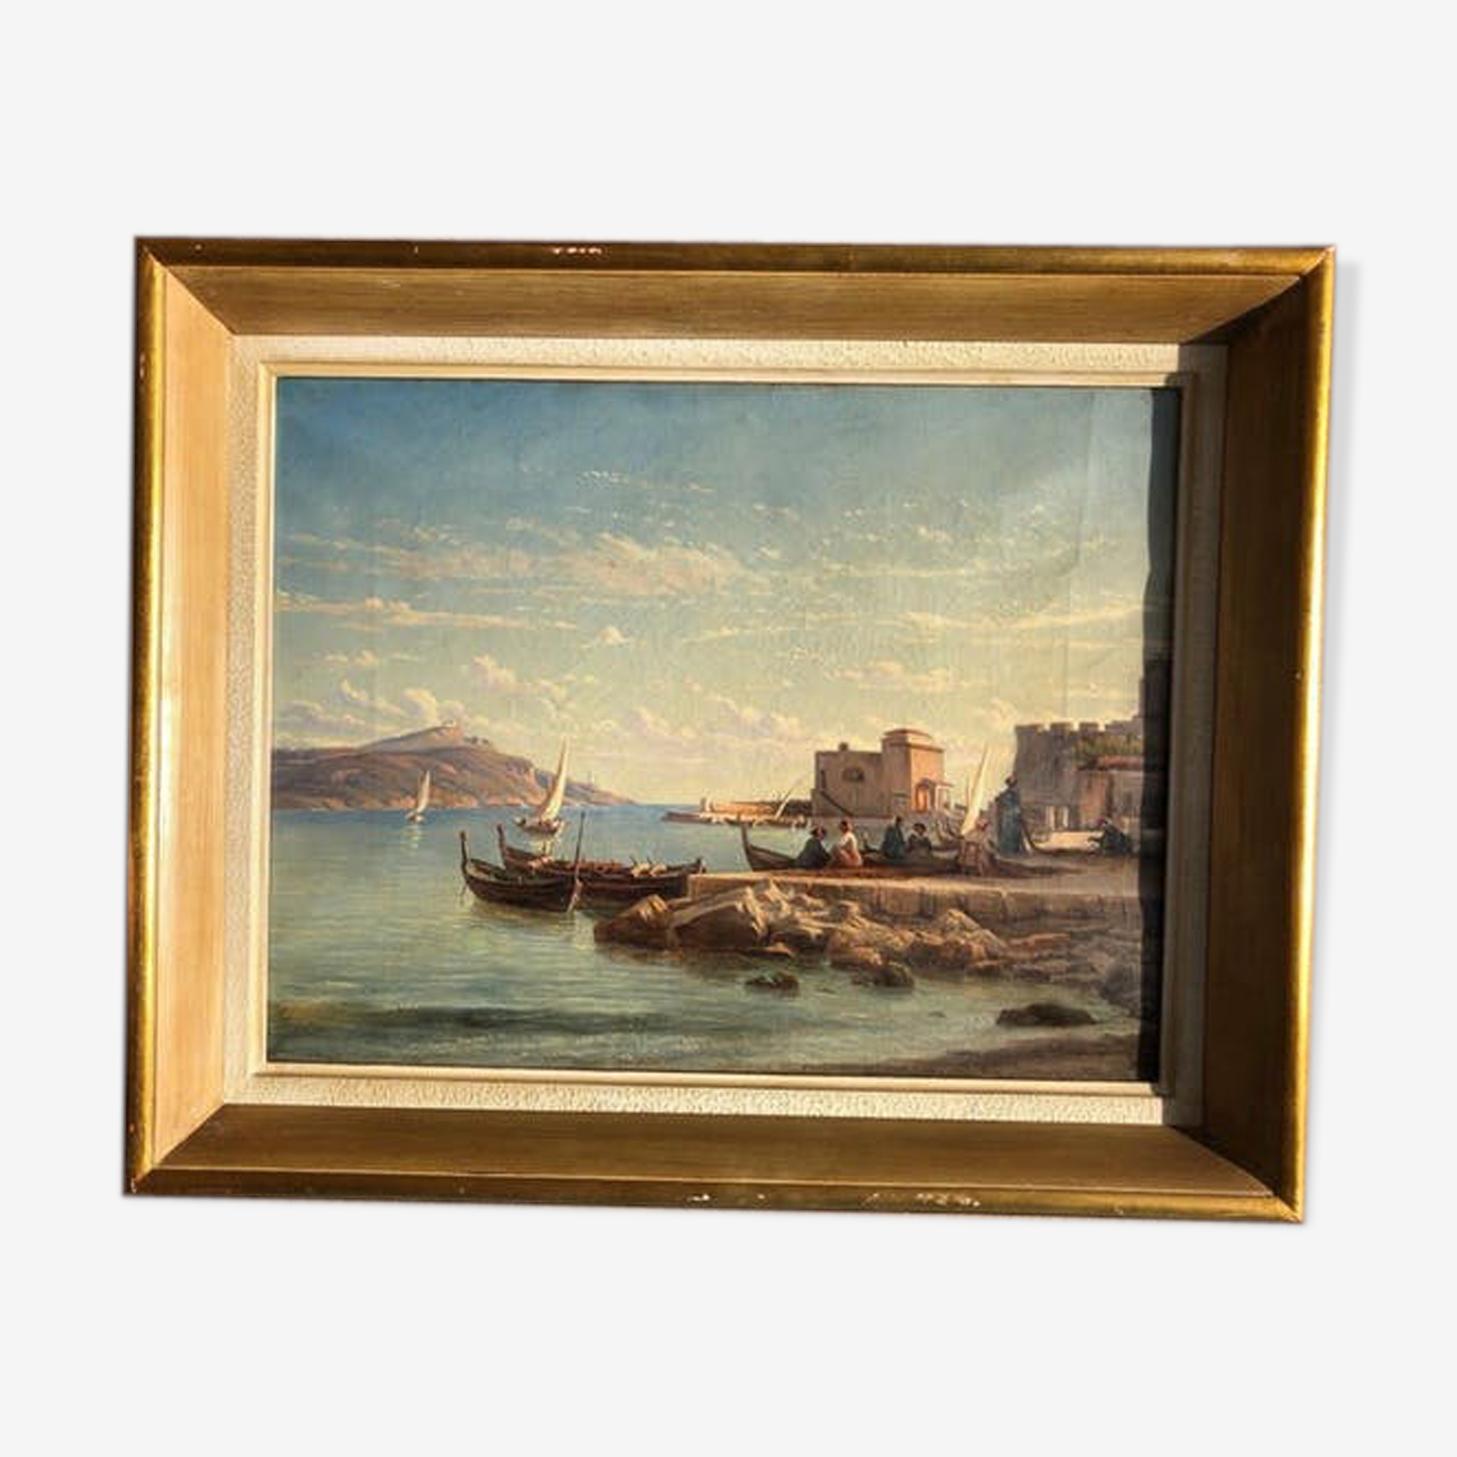 Peinture huile 19ème - marine, paysage, femmes sur des bateaux